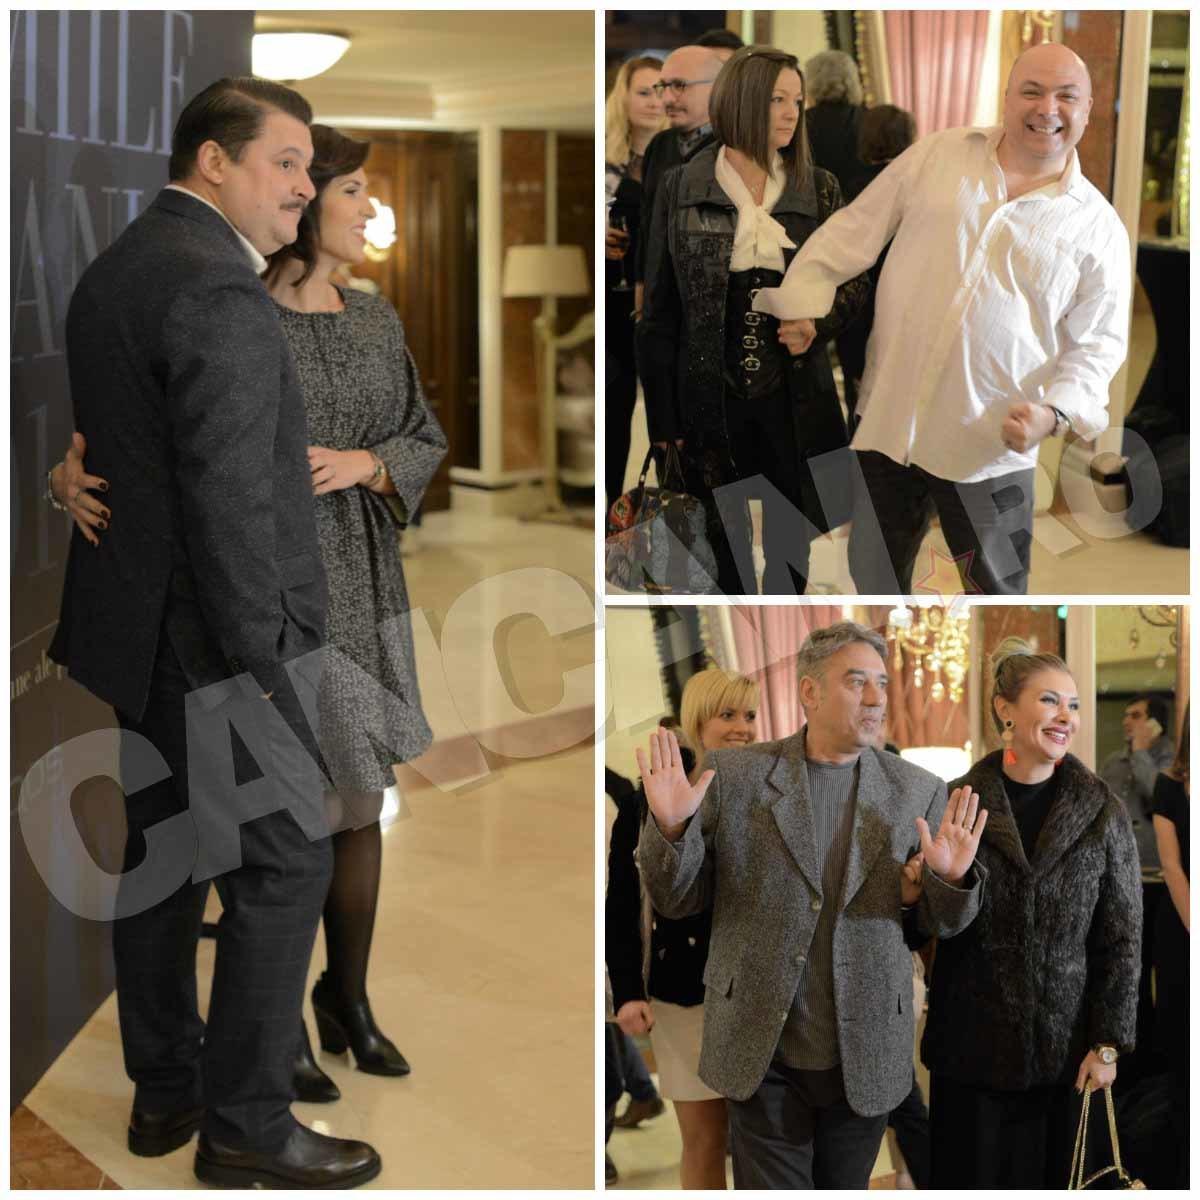 Bobonete, Chiorete şi Gogoaşe au venit la Premiile Tv Mania alături de soţiile lor.